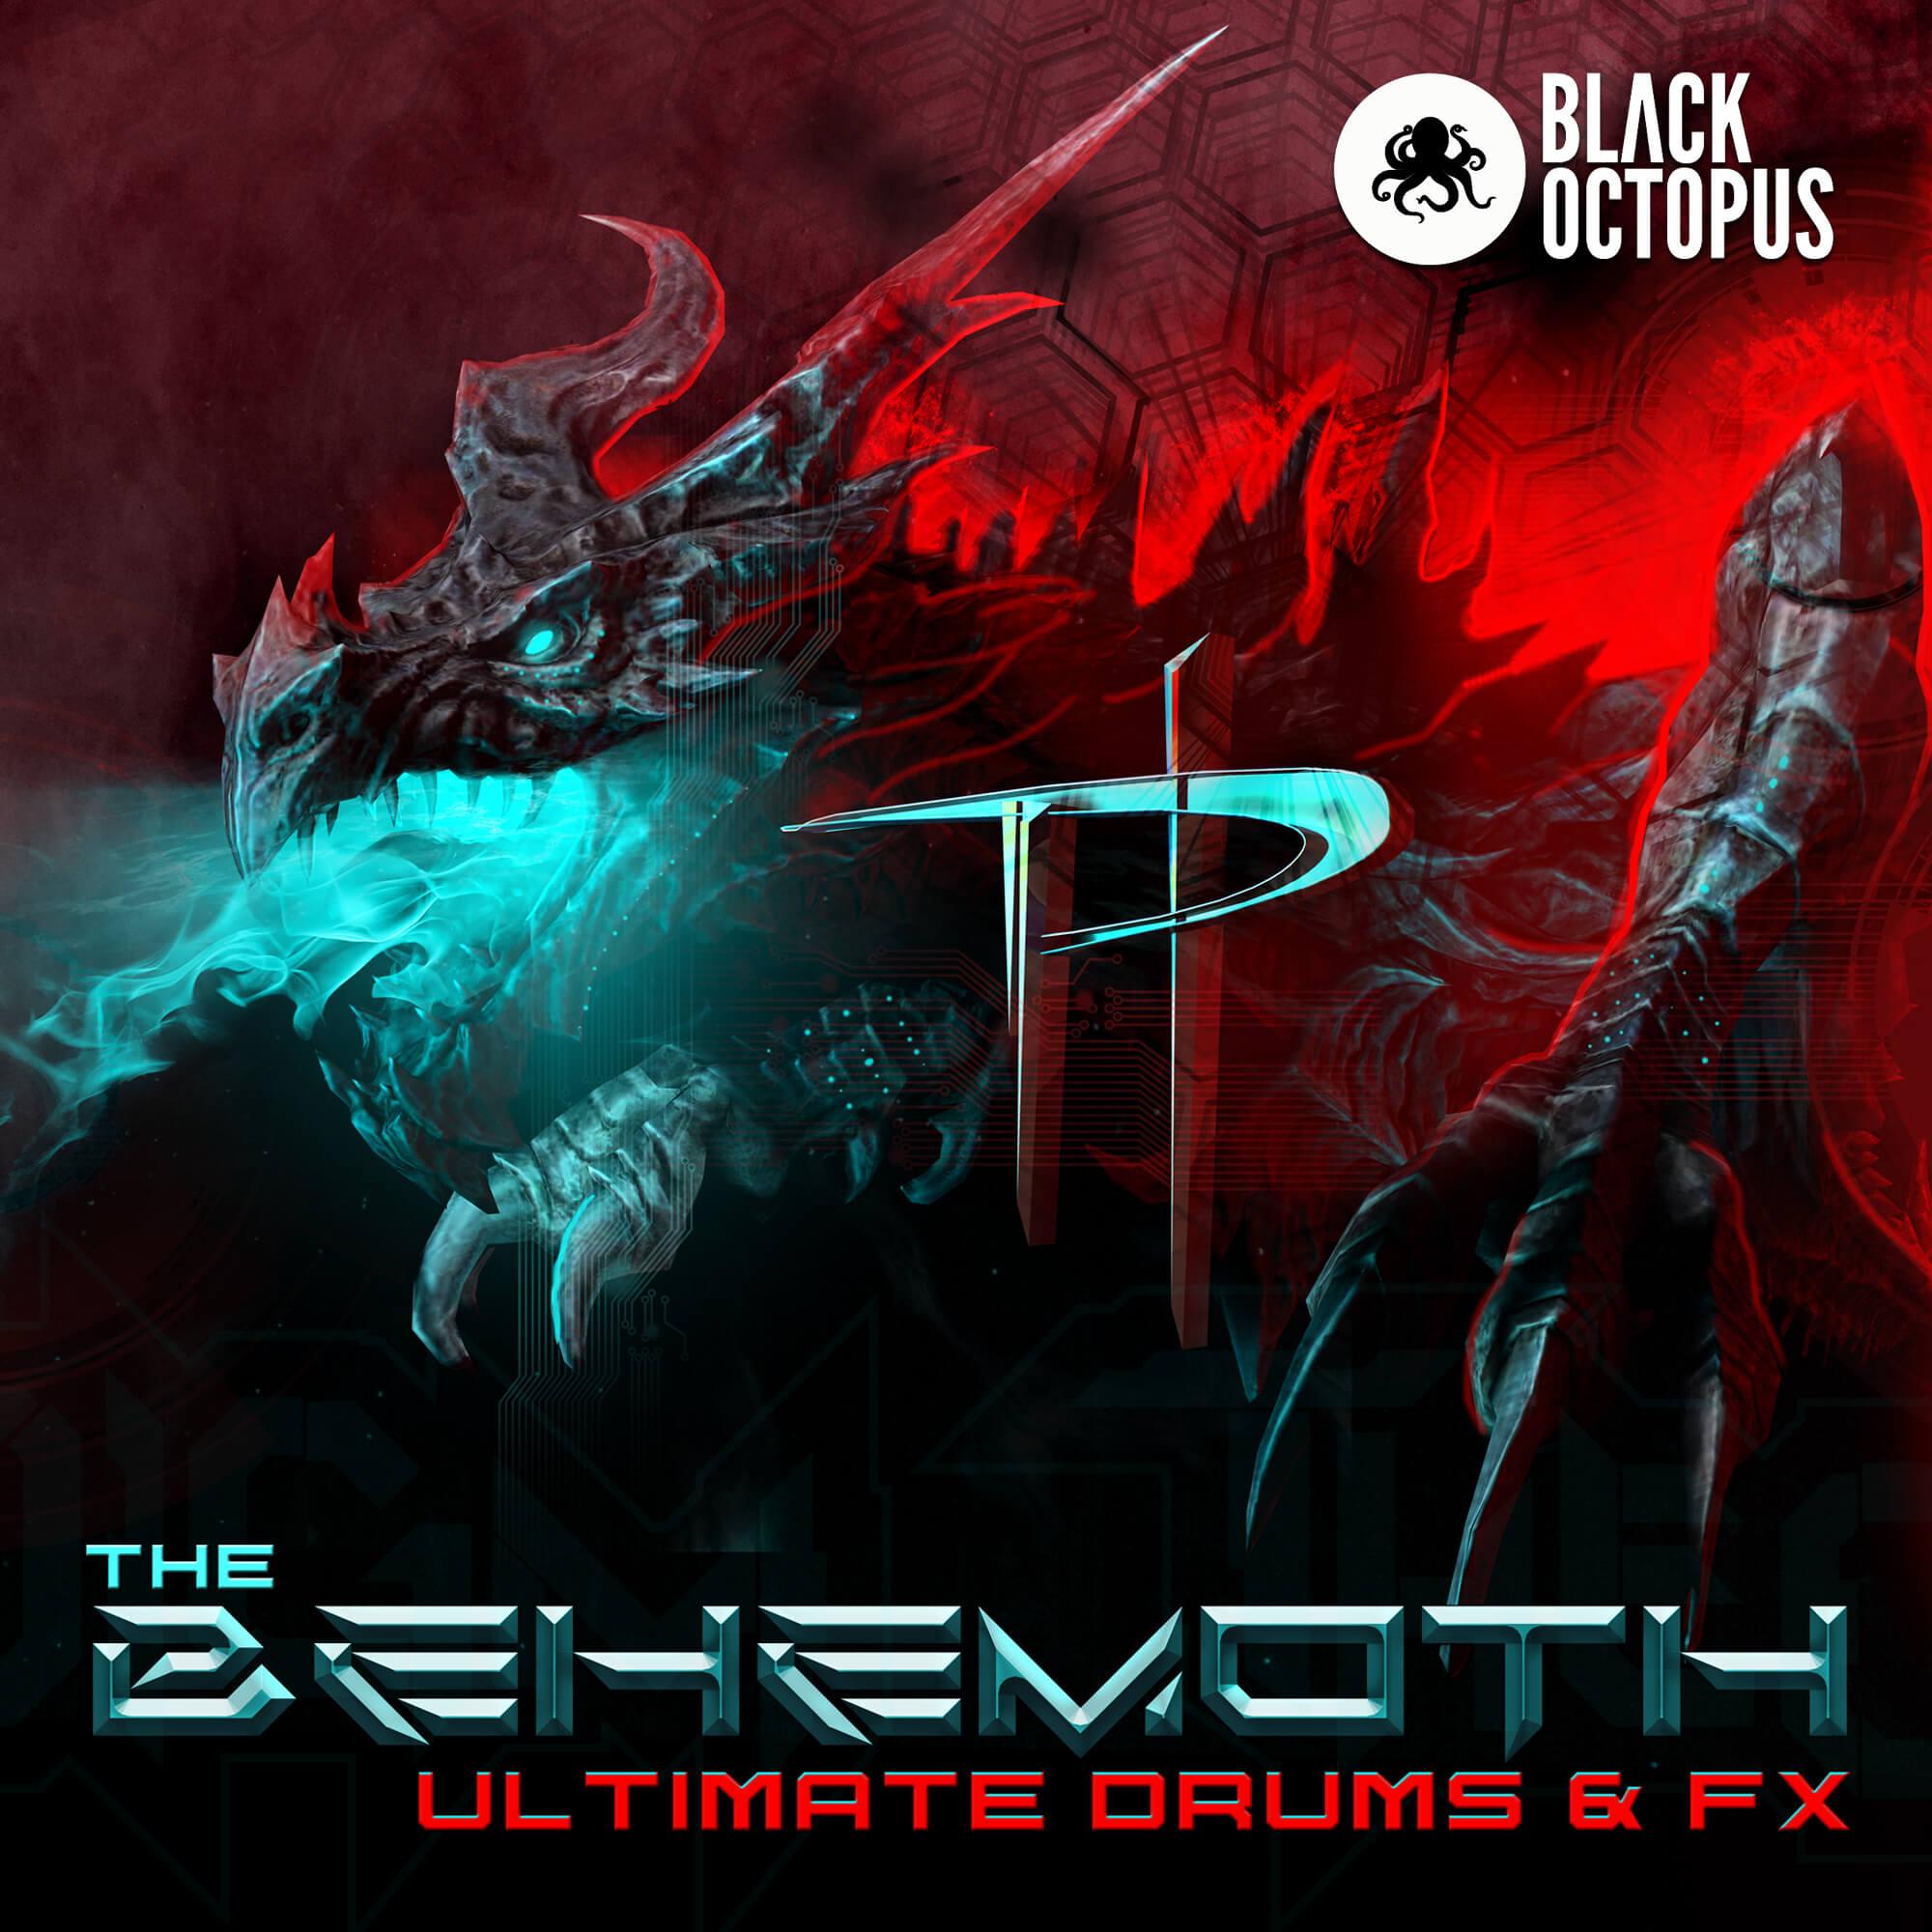 Behemoth Ultimate Drums Black Octopus Drum Samples Adsr